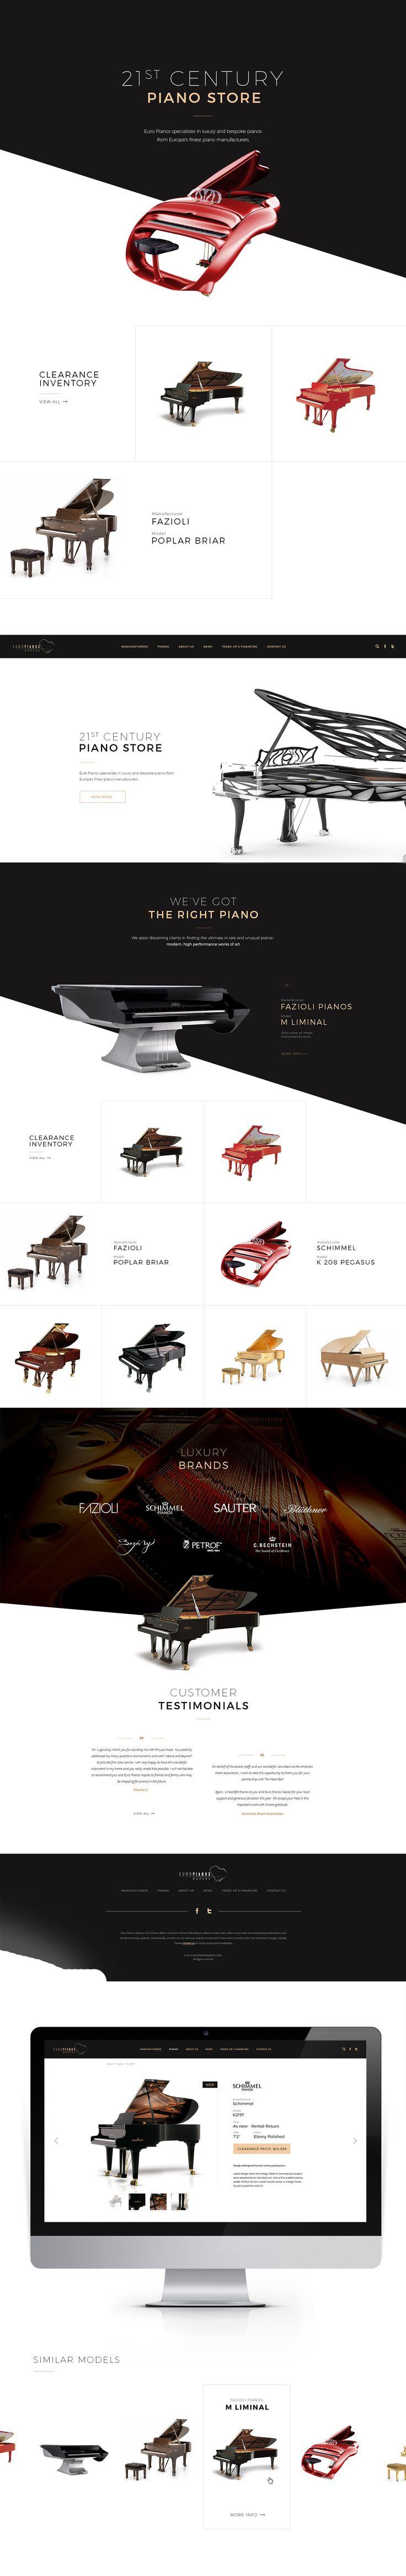 Web design. Luxury piano store.